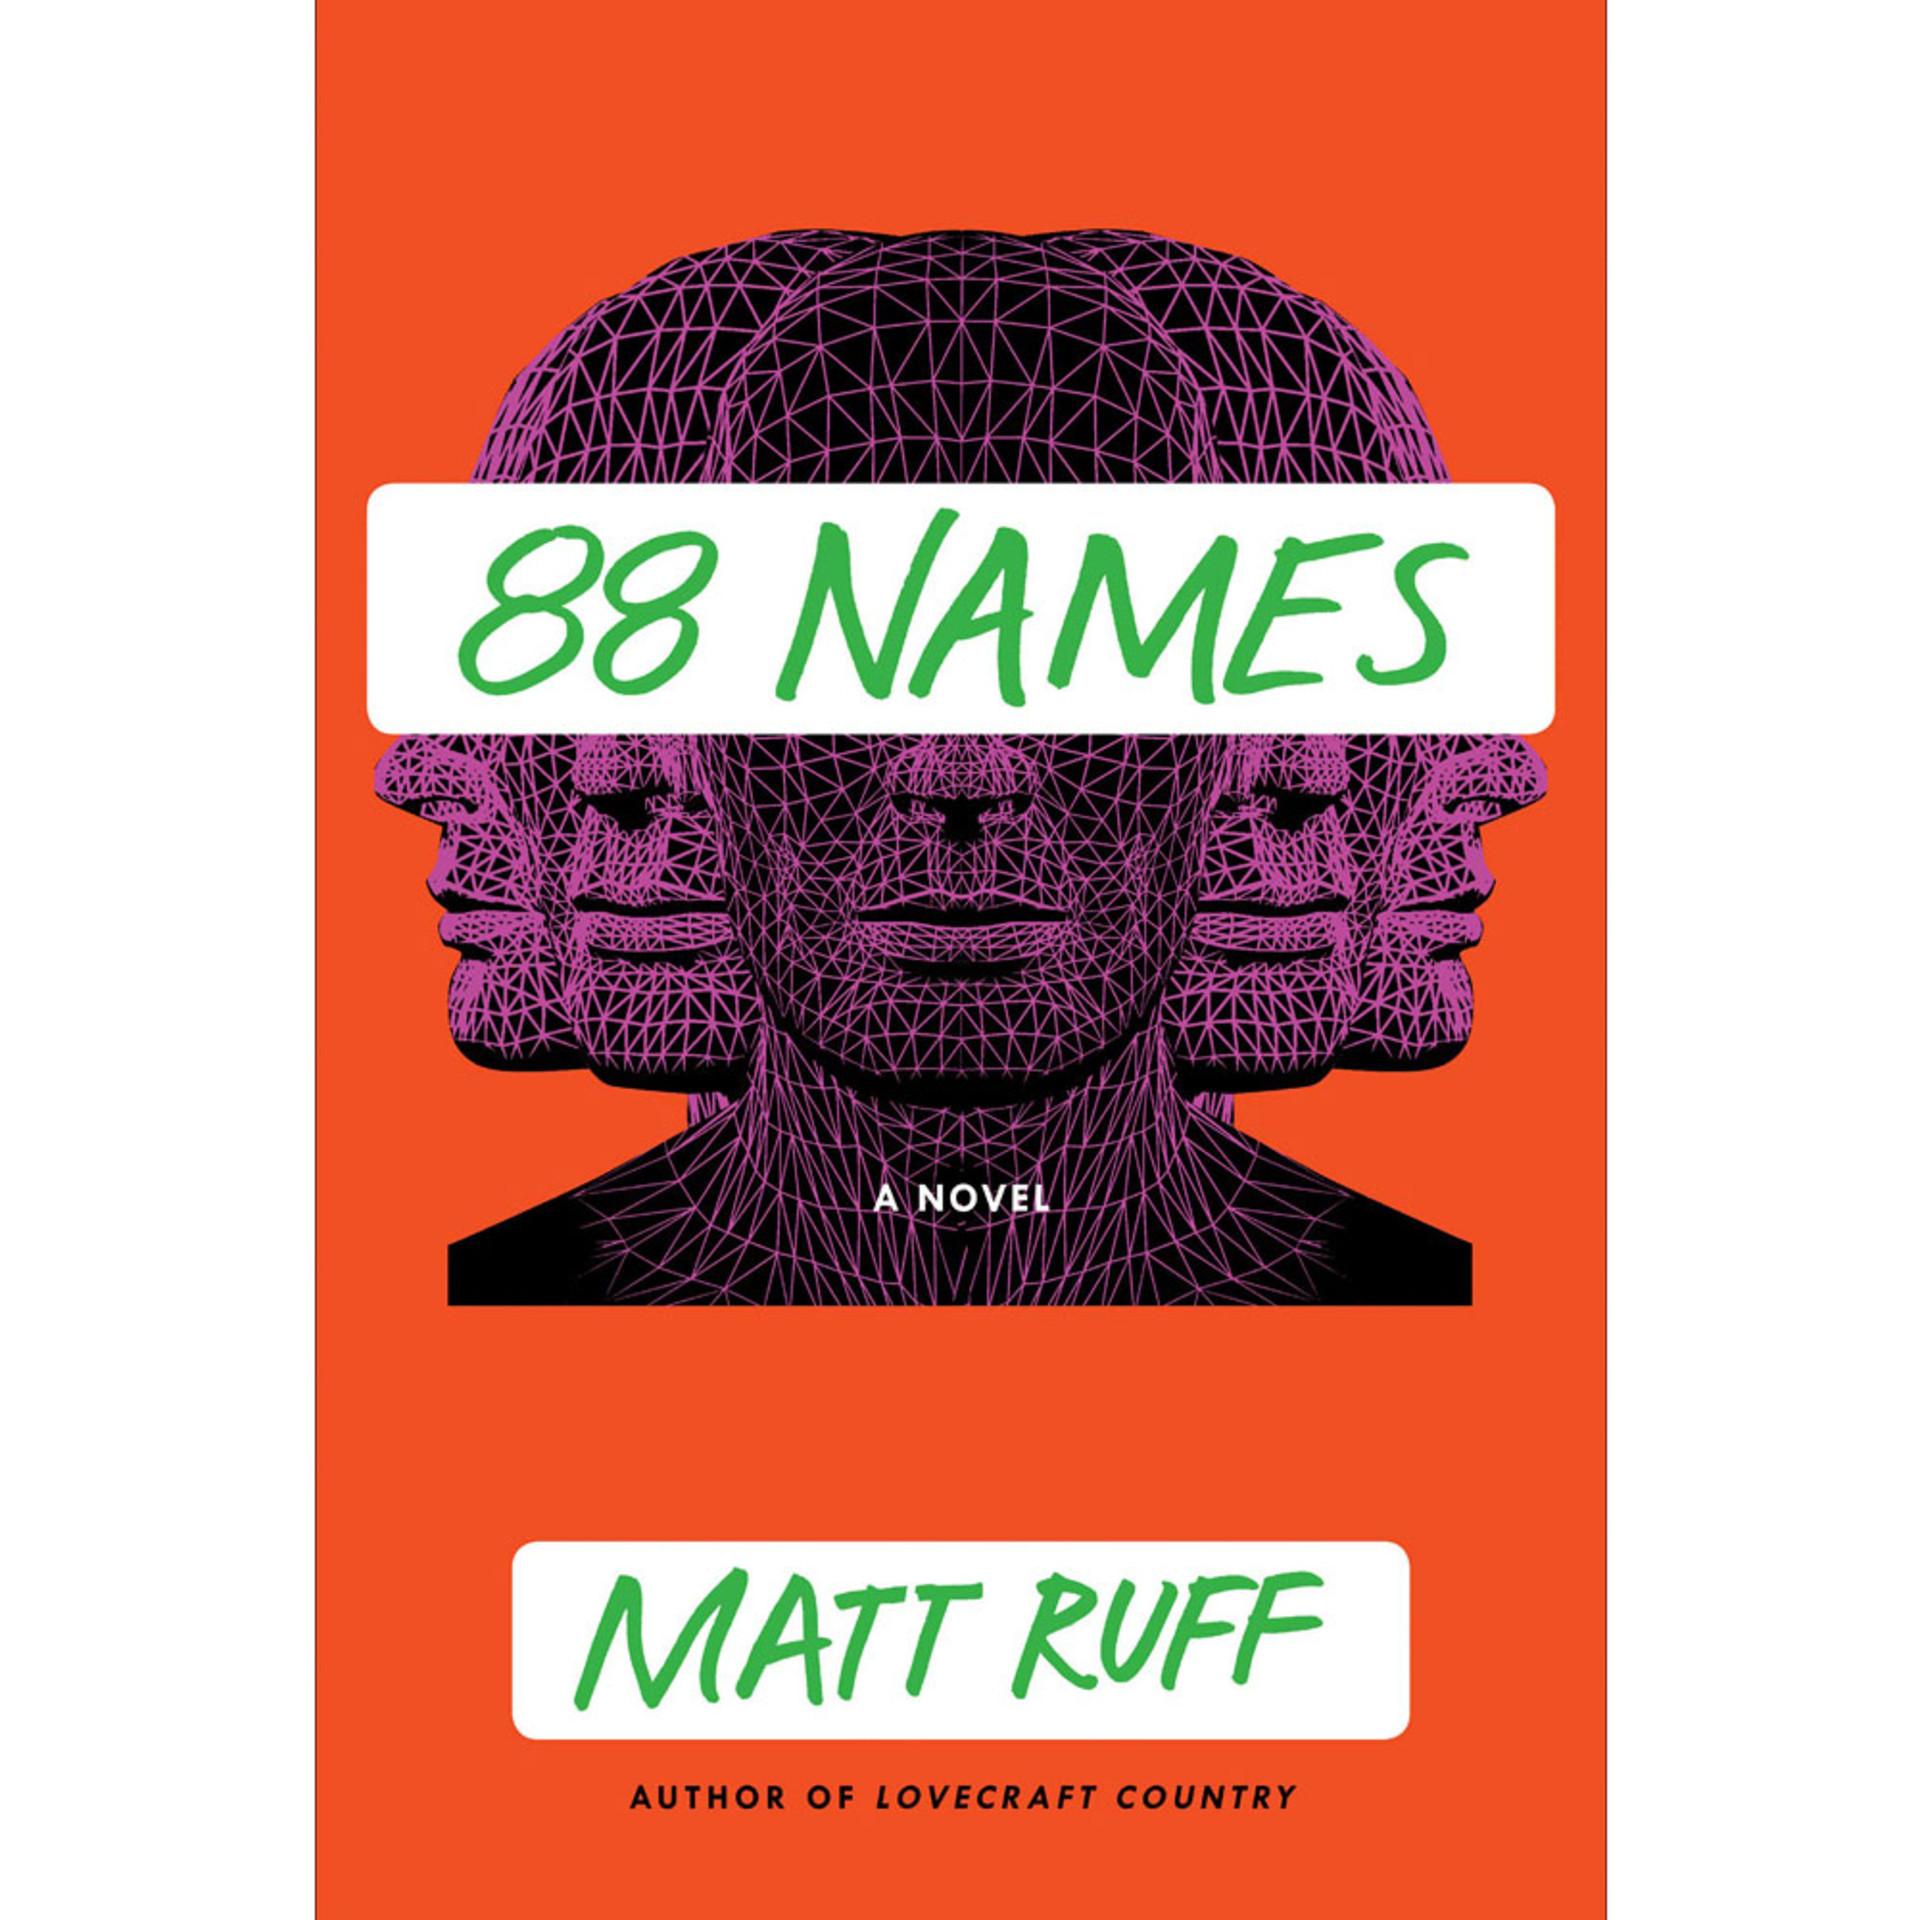 88 Names: A Novel by Matt Ruff